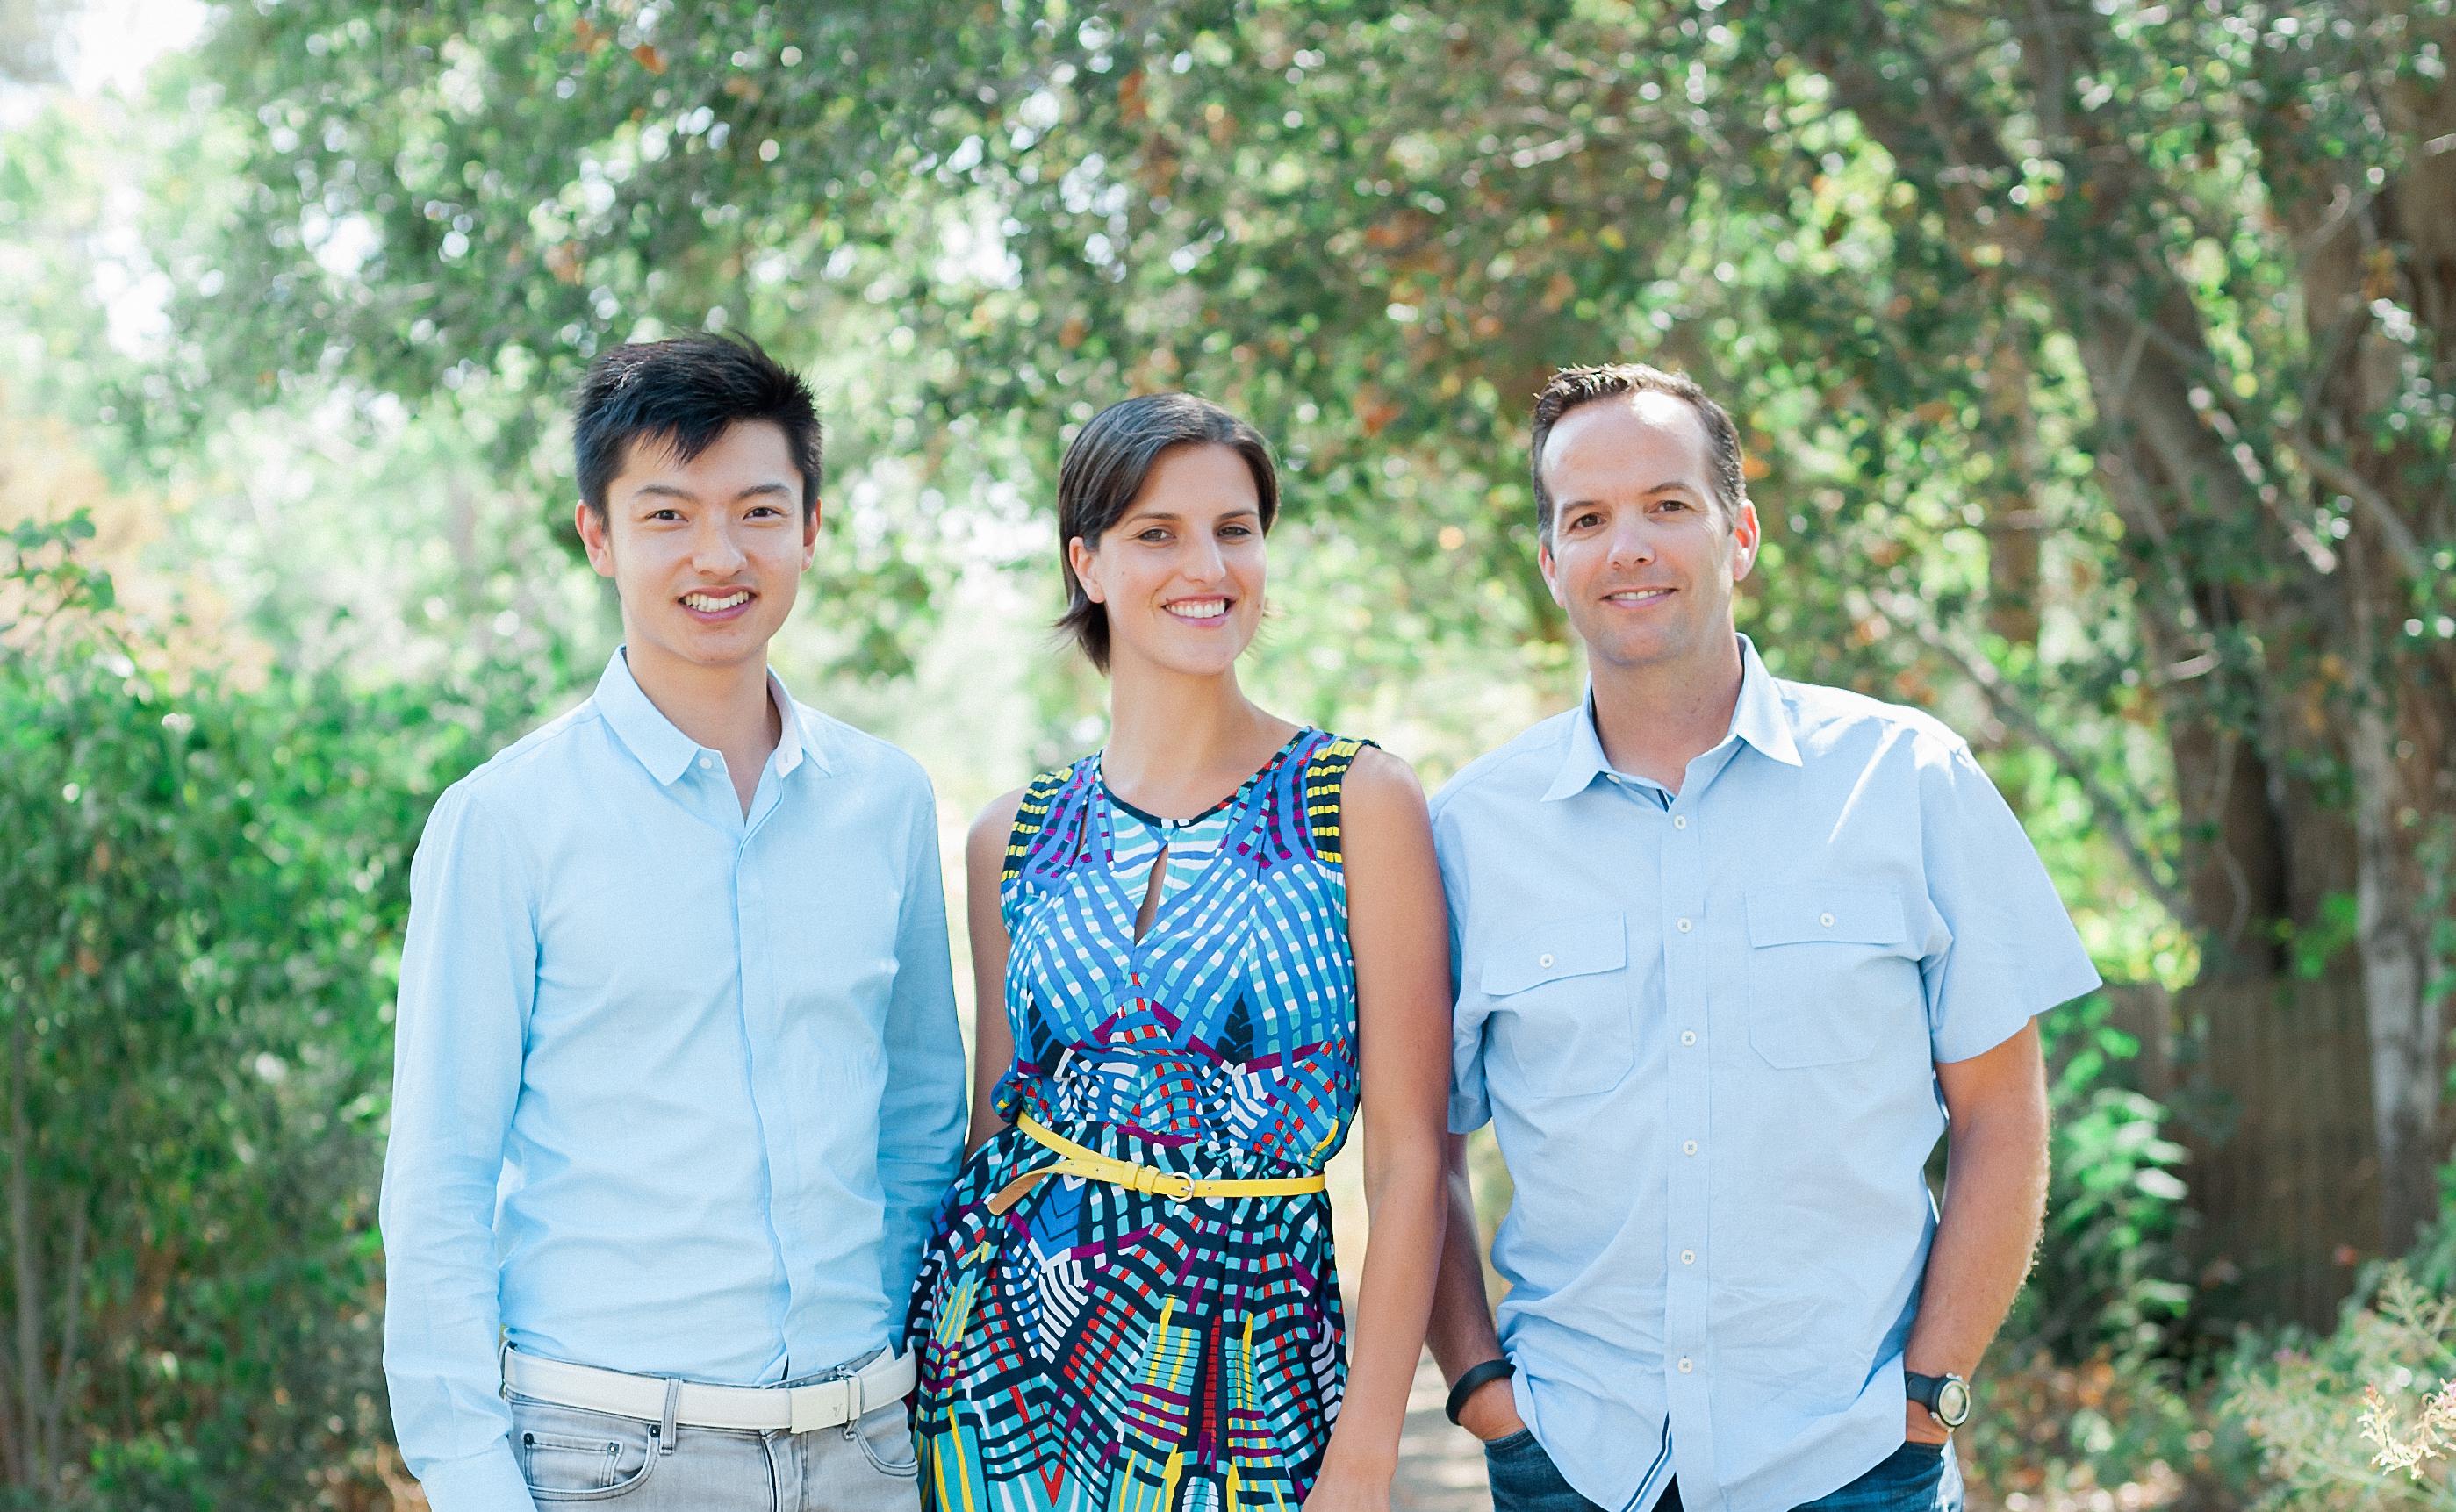 Upstart raises funding CFO